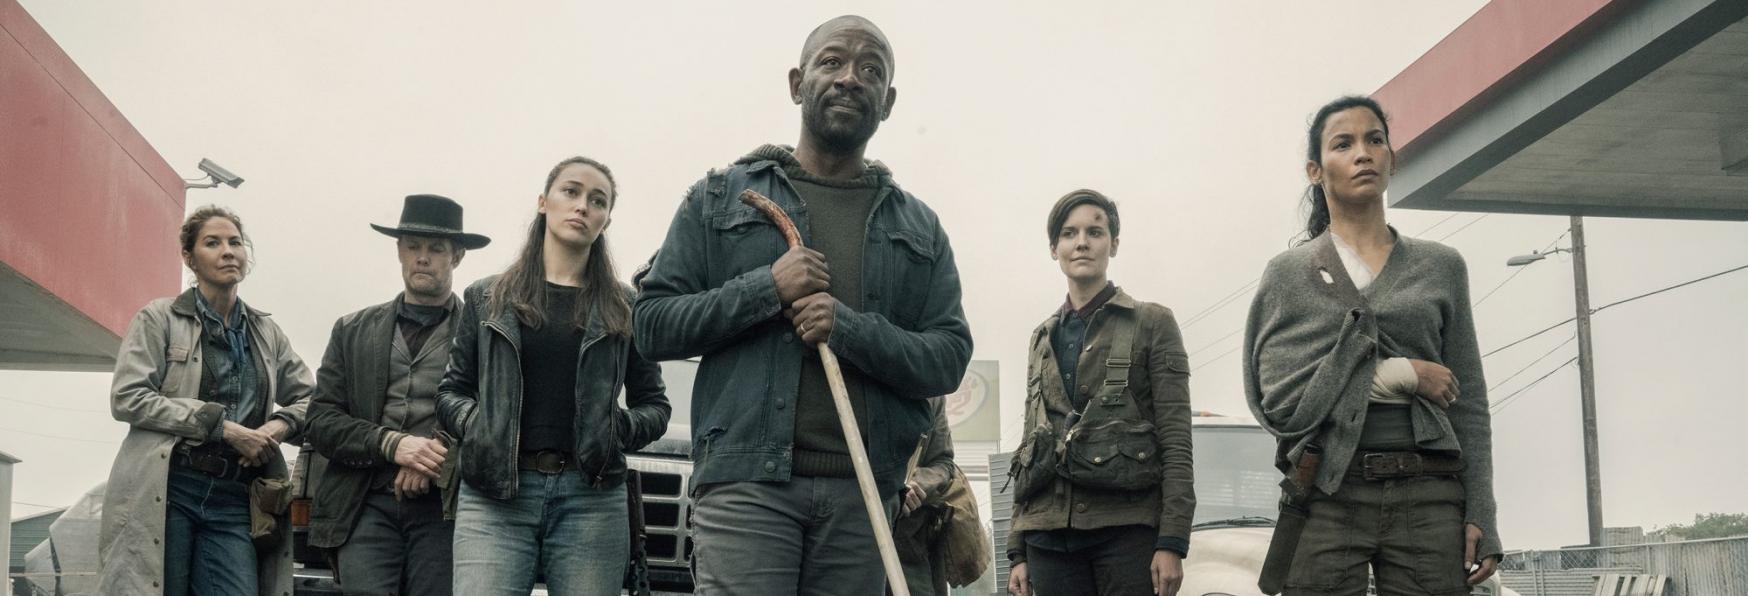 Fear the Walking Dead 6: le Informazioni Note sulla Stagione Inedita della Serie TV